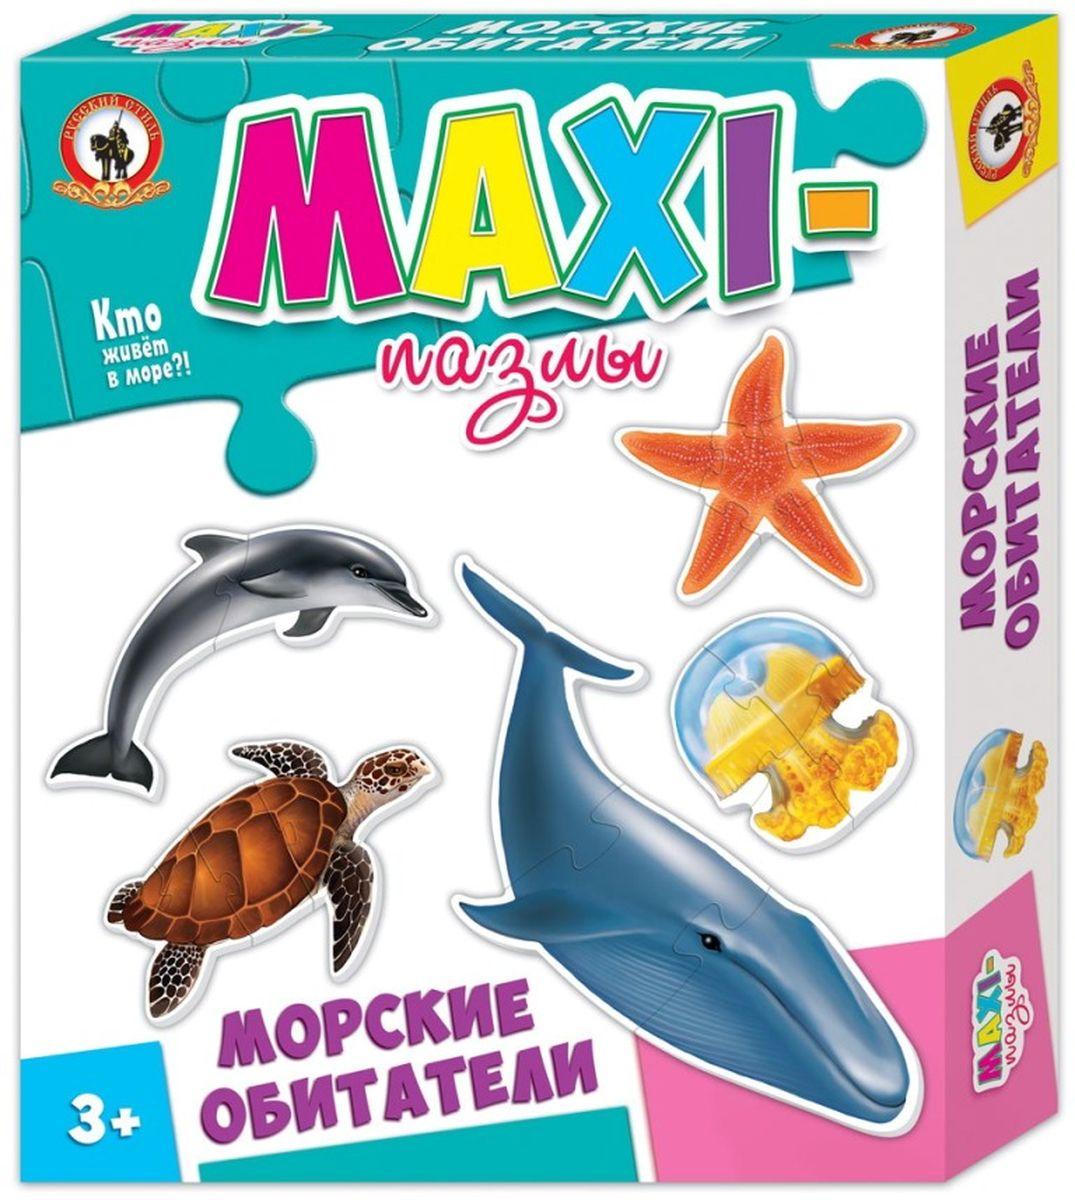 Русский стиль Макси пазлы Морские обитатели03526Игра для детей от 3 лет. Состав набора: Дельфин (2 элемента) Кит (3 элемента) Медуза (4 элемента) Черепаха (5 элементов) Морская звезда (6 элементов)